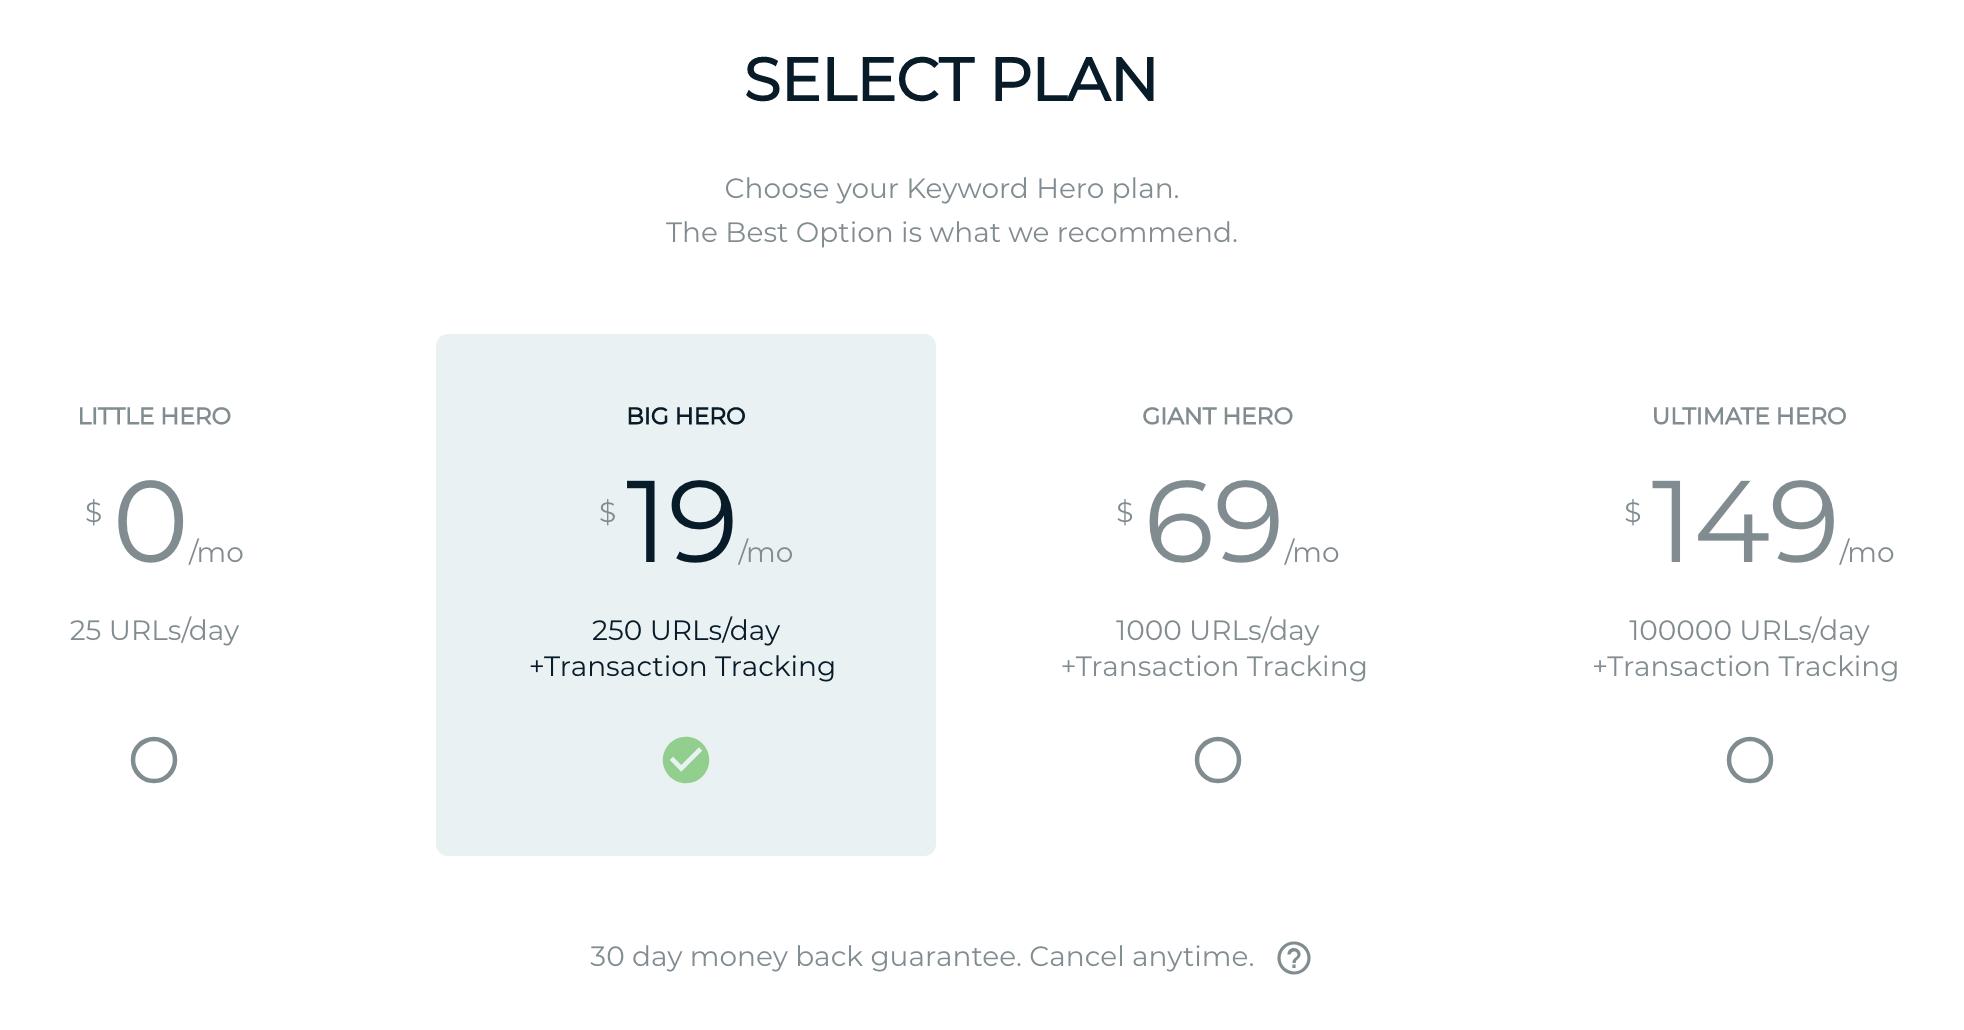 selecting a plan in keyword hero